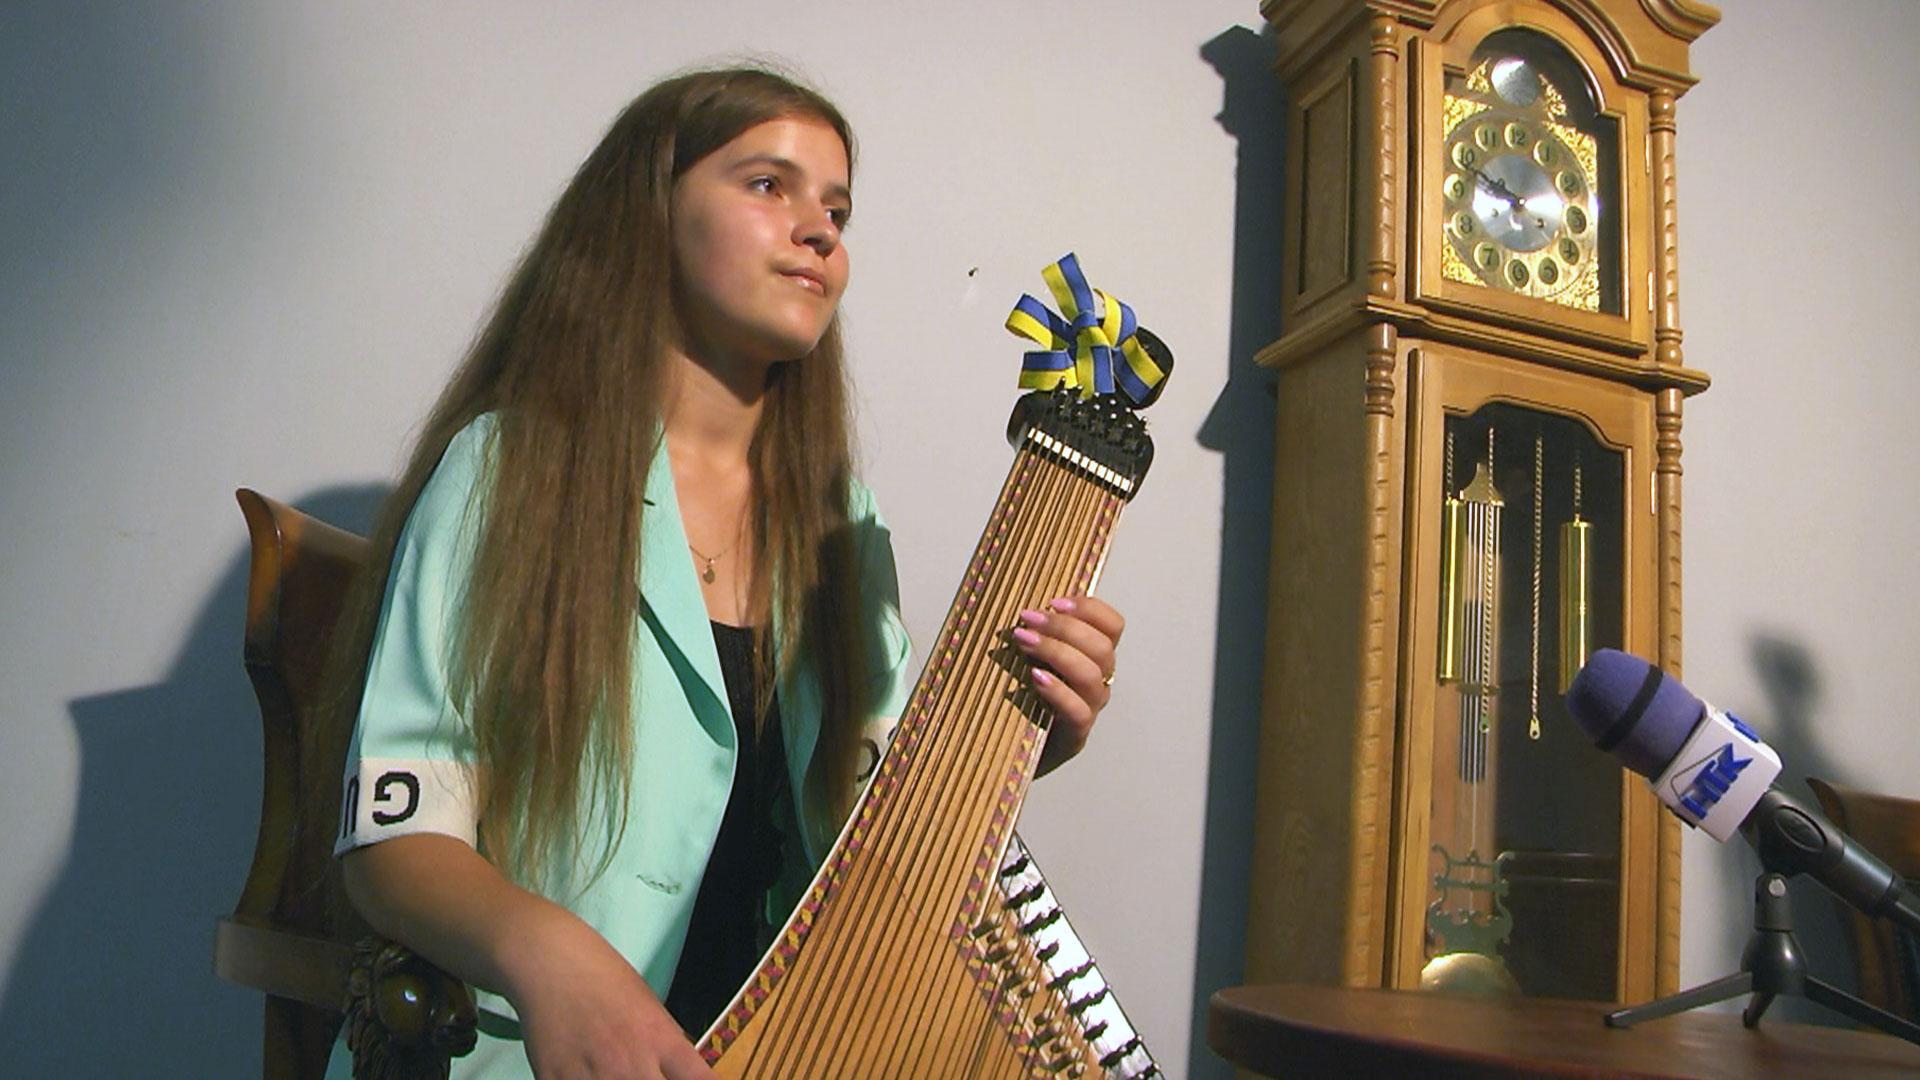 Прикарпатська музикантка перемогла в конкурсі від шоумена Ігоря Кондратюка (ВІДЕО)